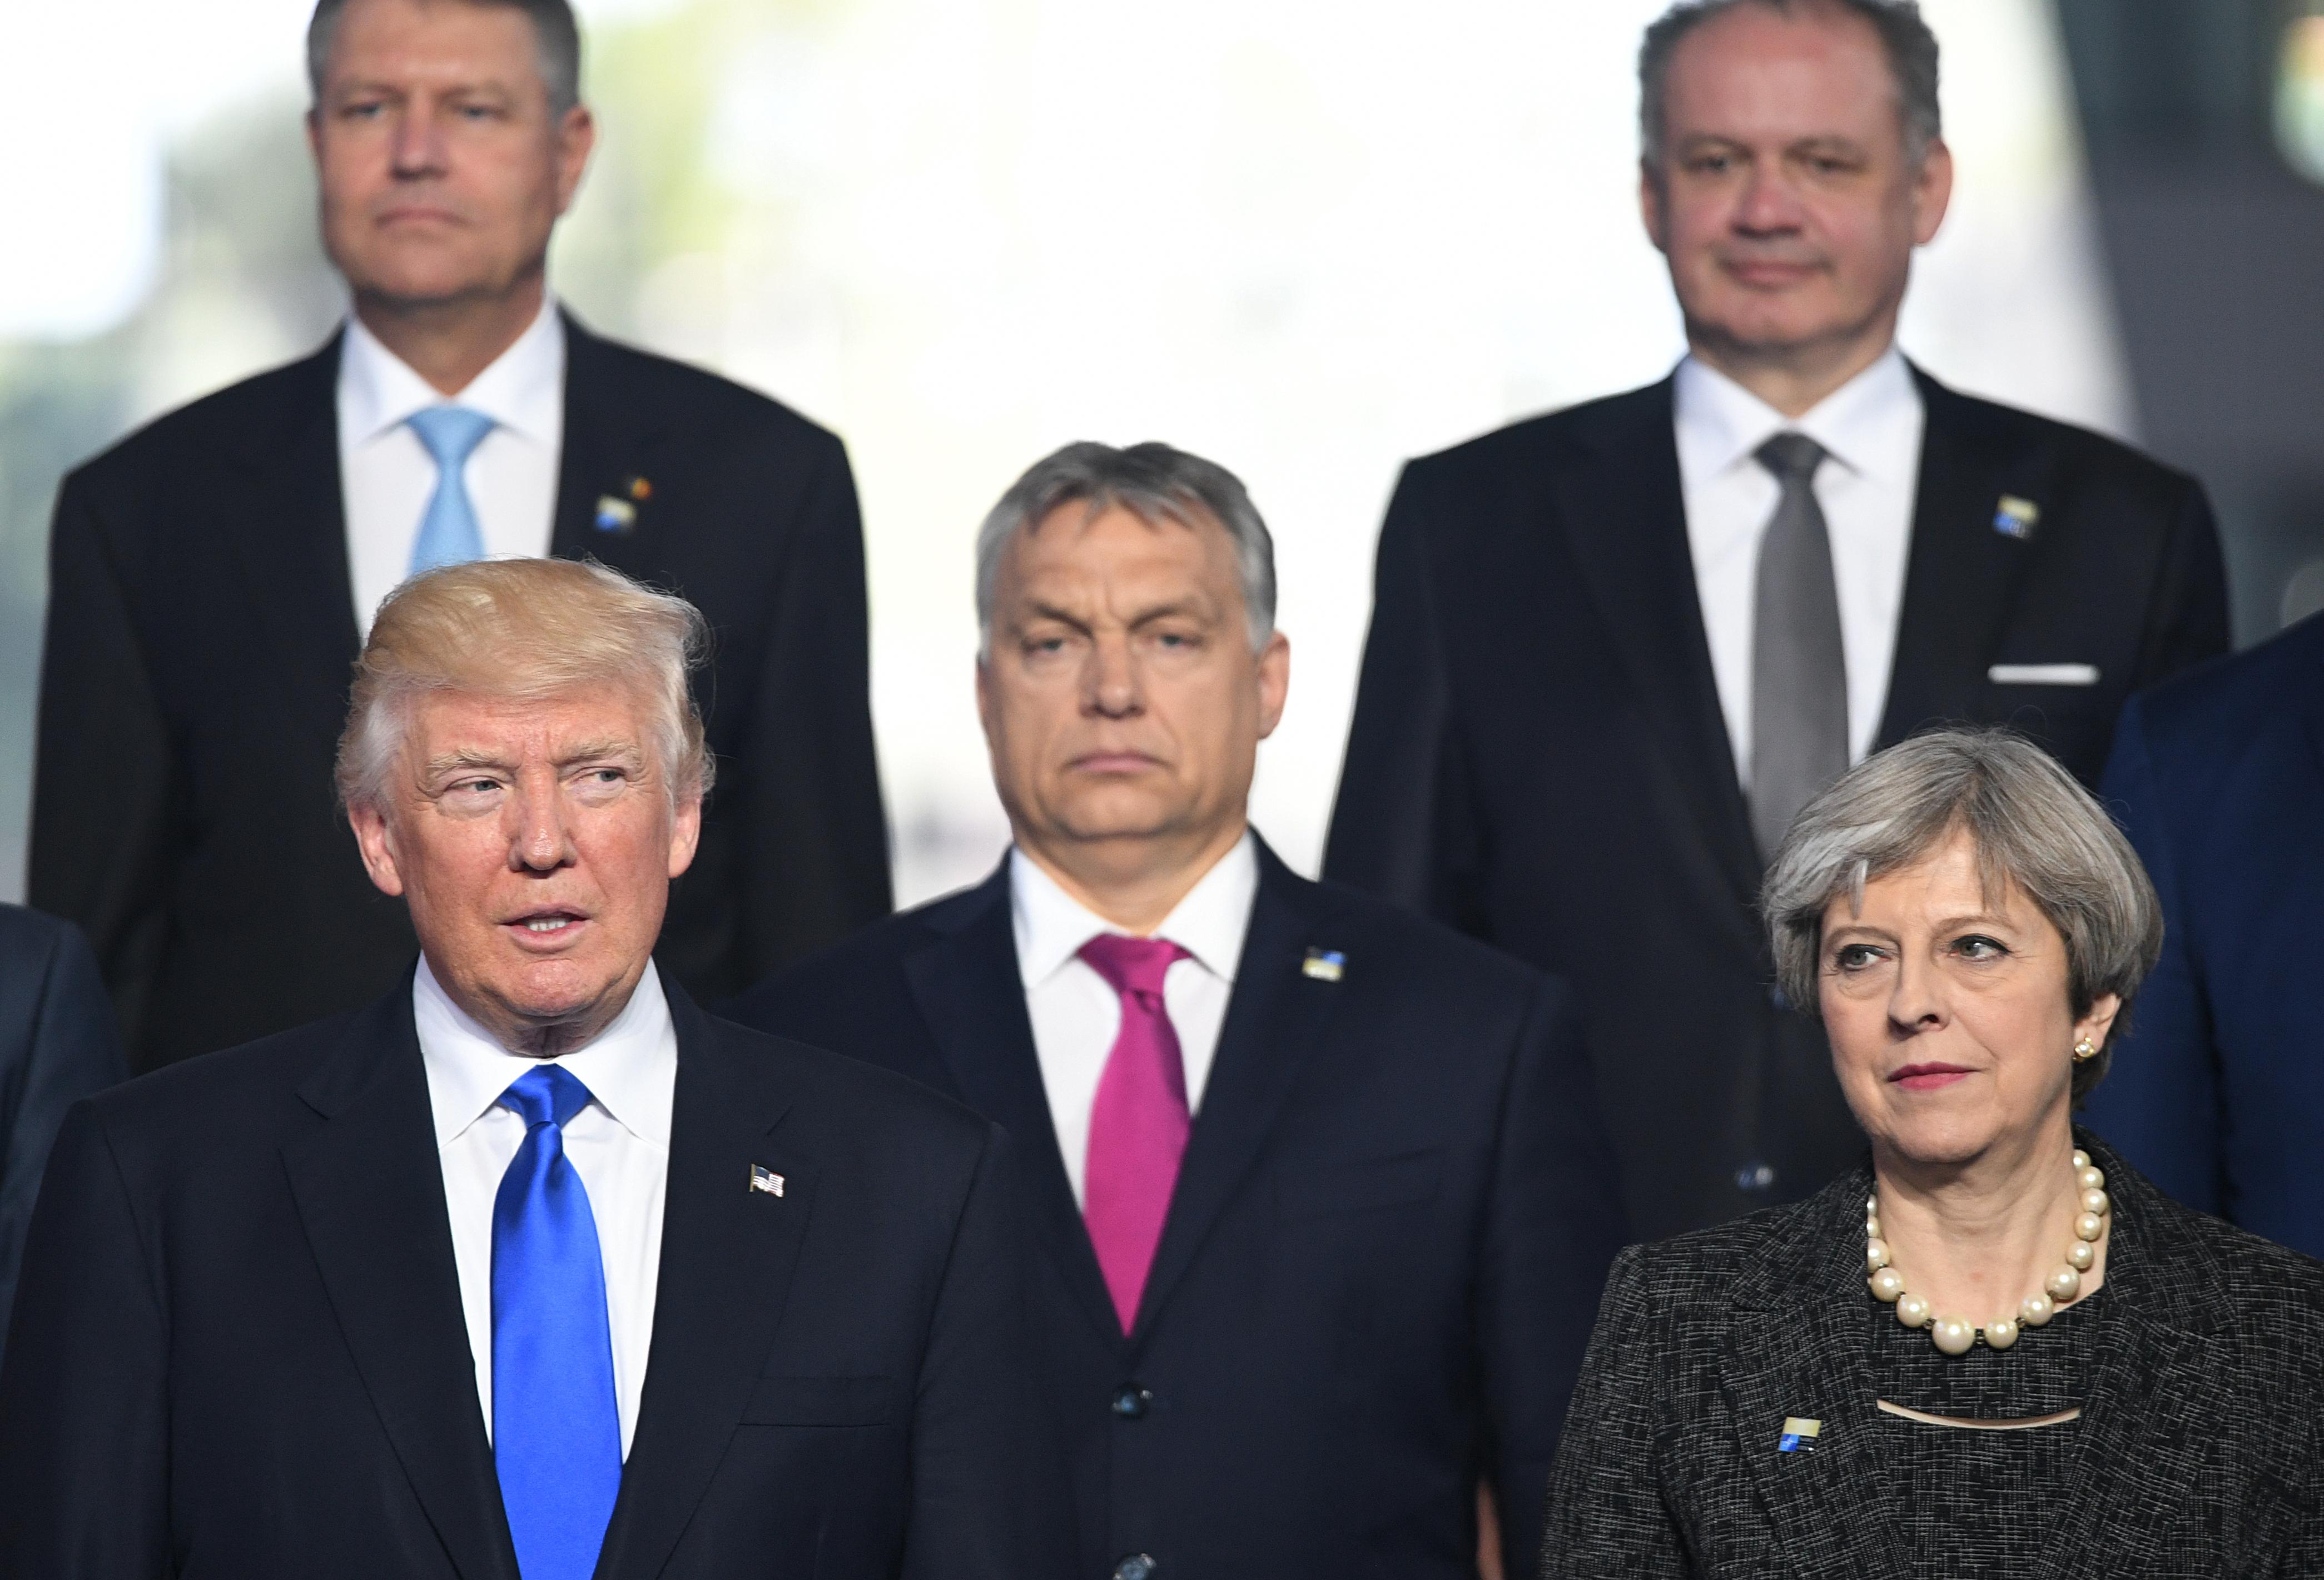 Demokrata képviselők levélben fejezték ki aggodalmukat a Trump-kormány magyarországi politikája miatt